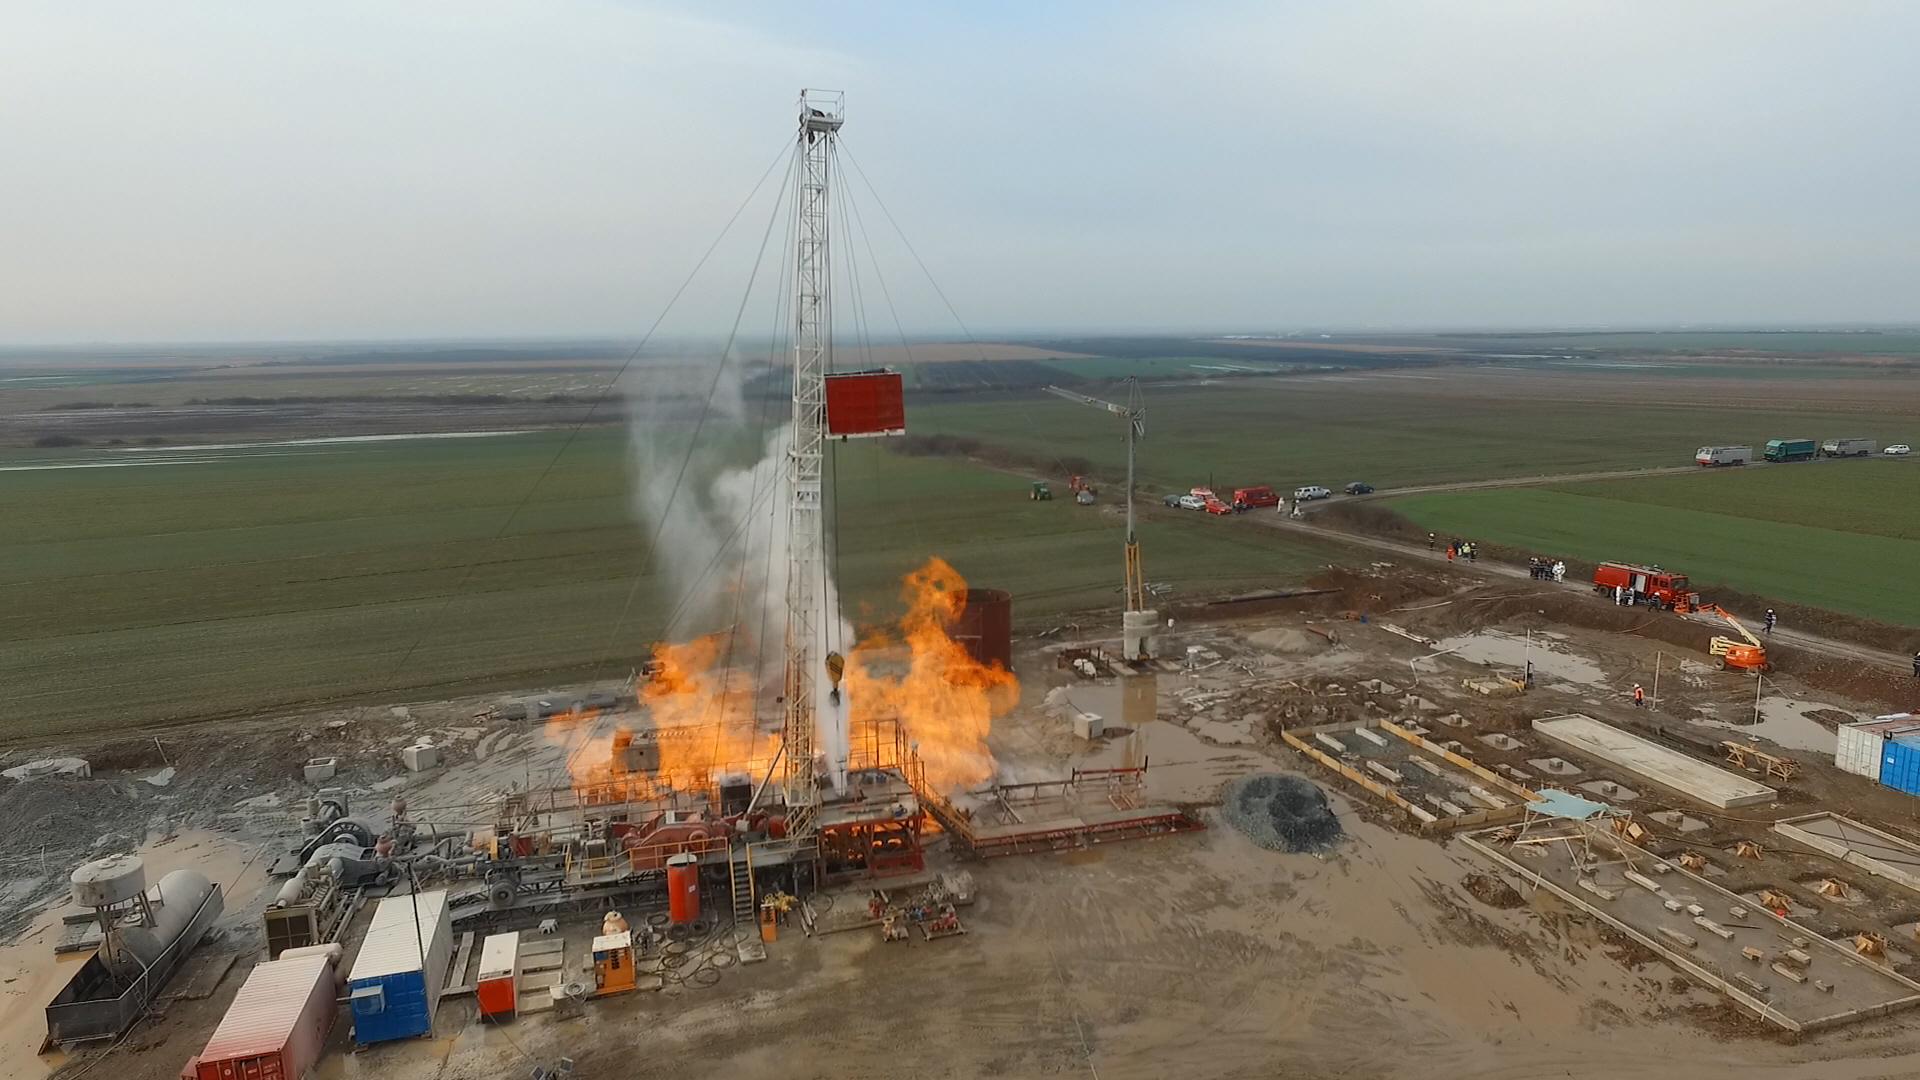 Satu Mare: Incendiul de la sonda de gaz, stins de apa care iese din pământ. Intervenţia nu s-a încheiat: În momentul în care vor ieşi gaze flacăra va fi reaprinsă